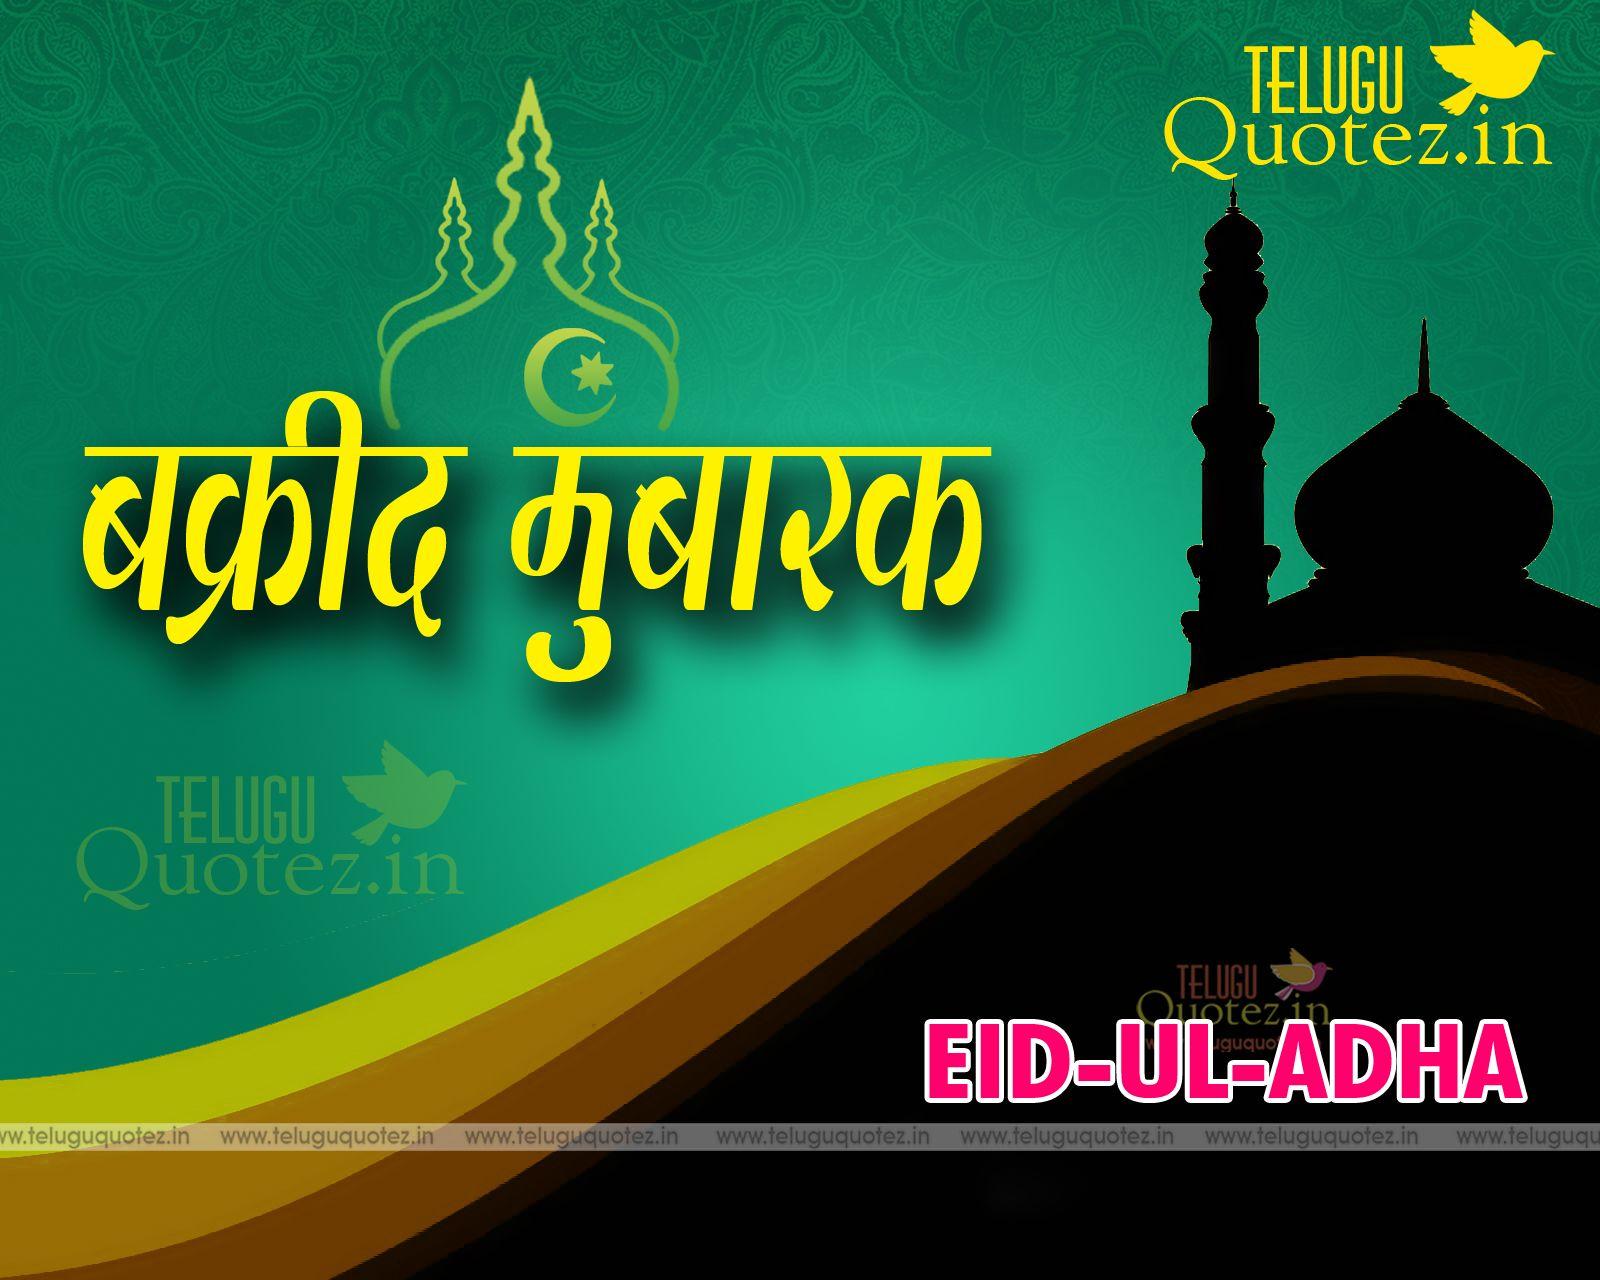 Happy Bakrid Quotes In Hindi Language For Facebook Teluguquotezin